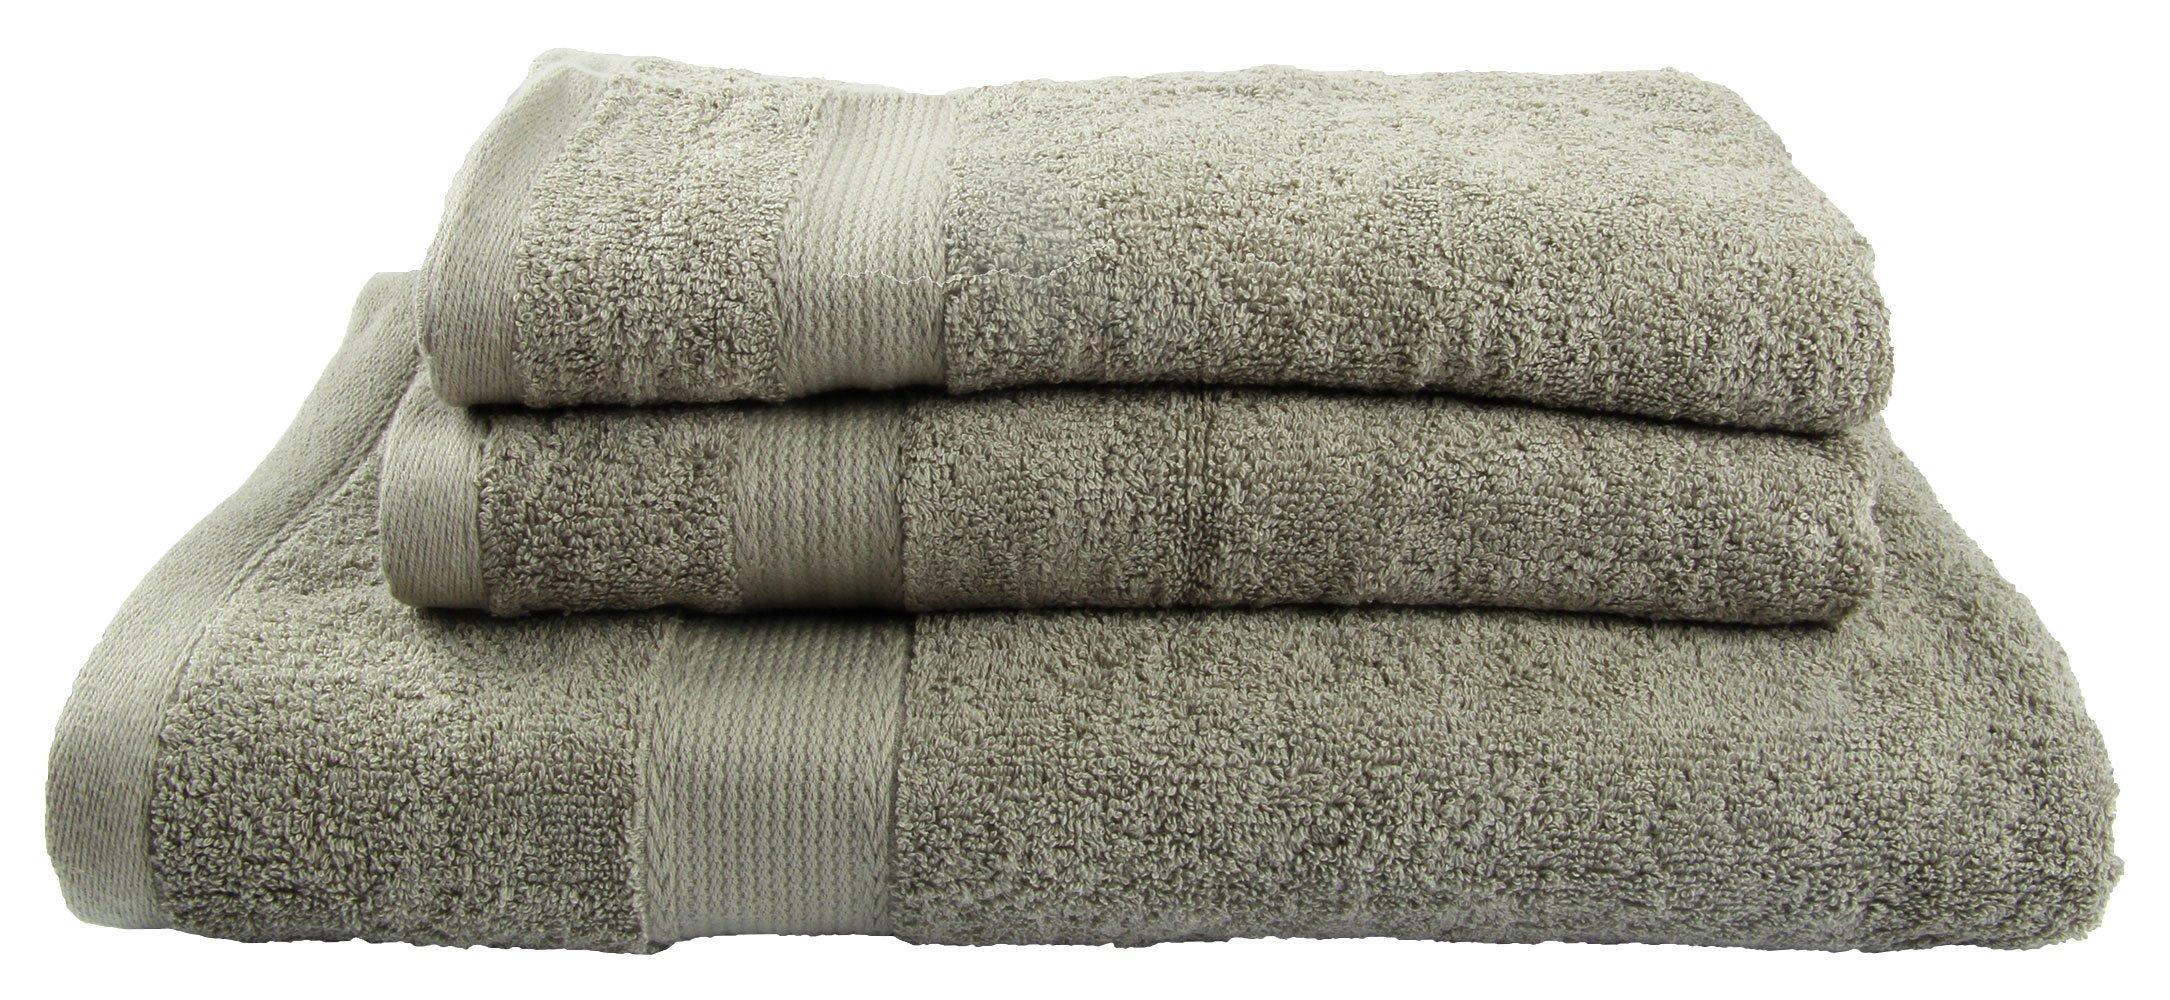 Winthome 3 Pack Toalla de Baño Grande para Cuarto de Baño,Juego de Toallas de Ducha (verde) product image